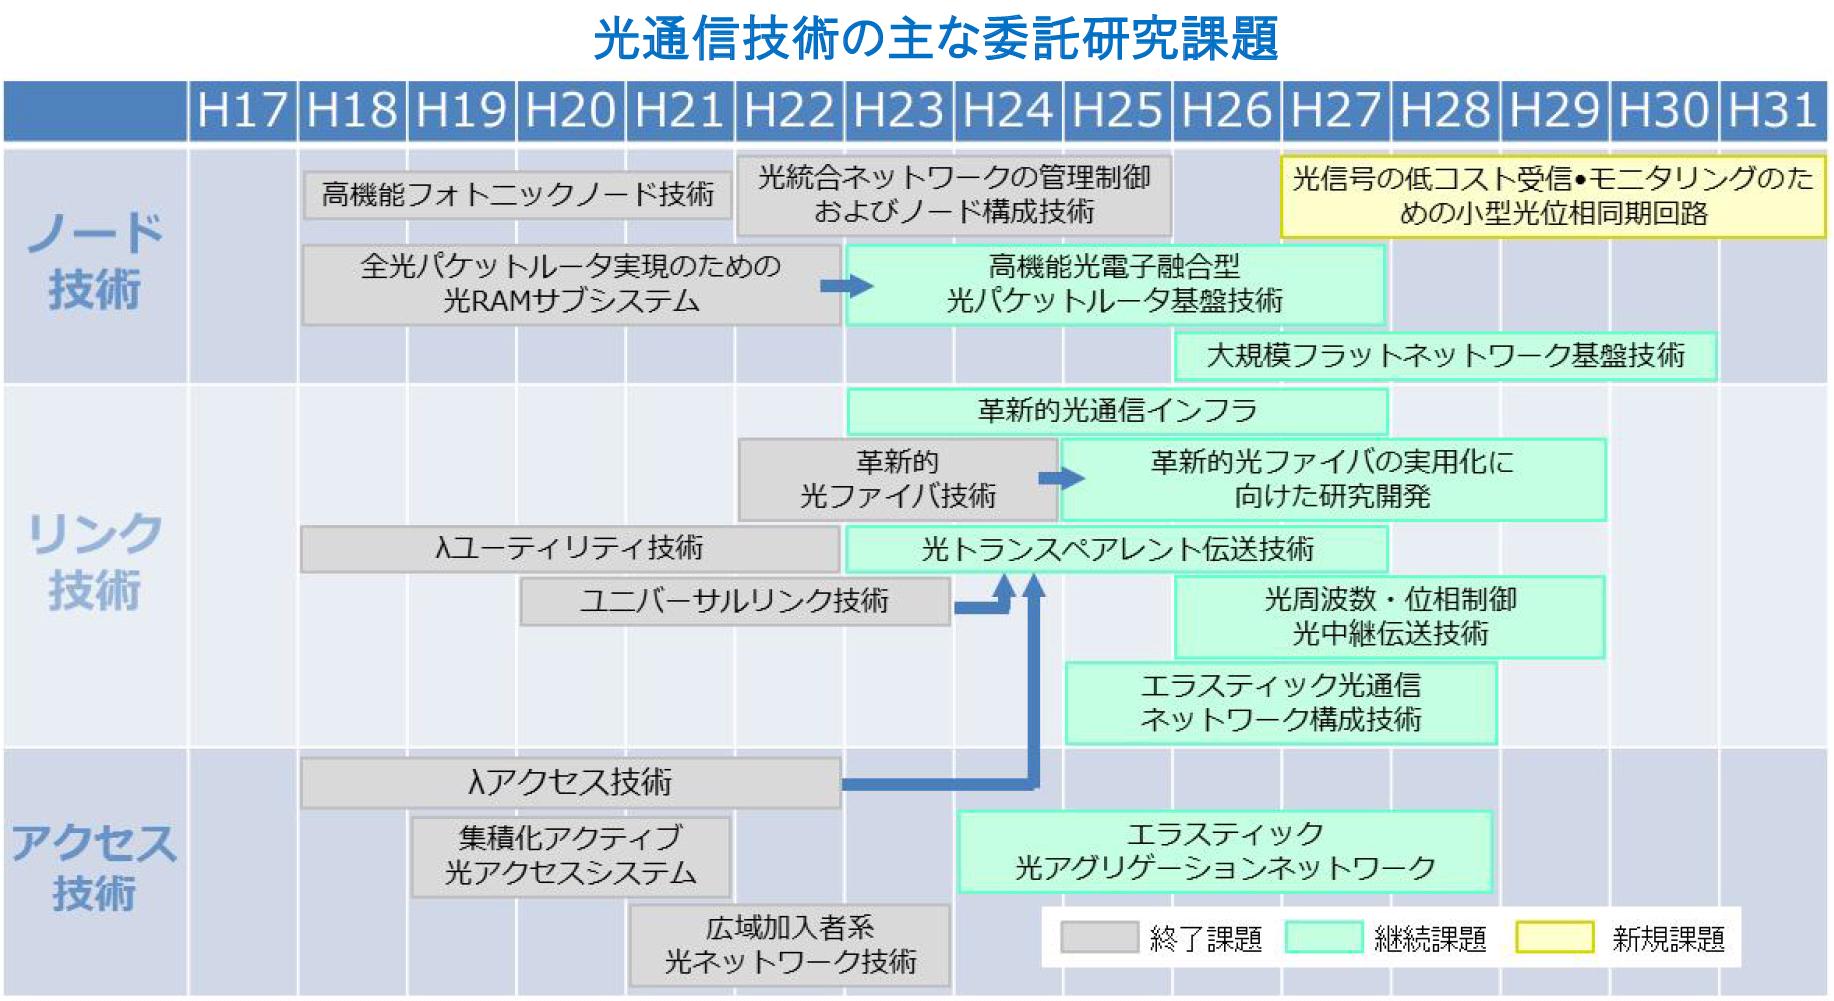 光通信技術の主な委託研究課題を示すマップ